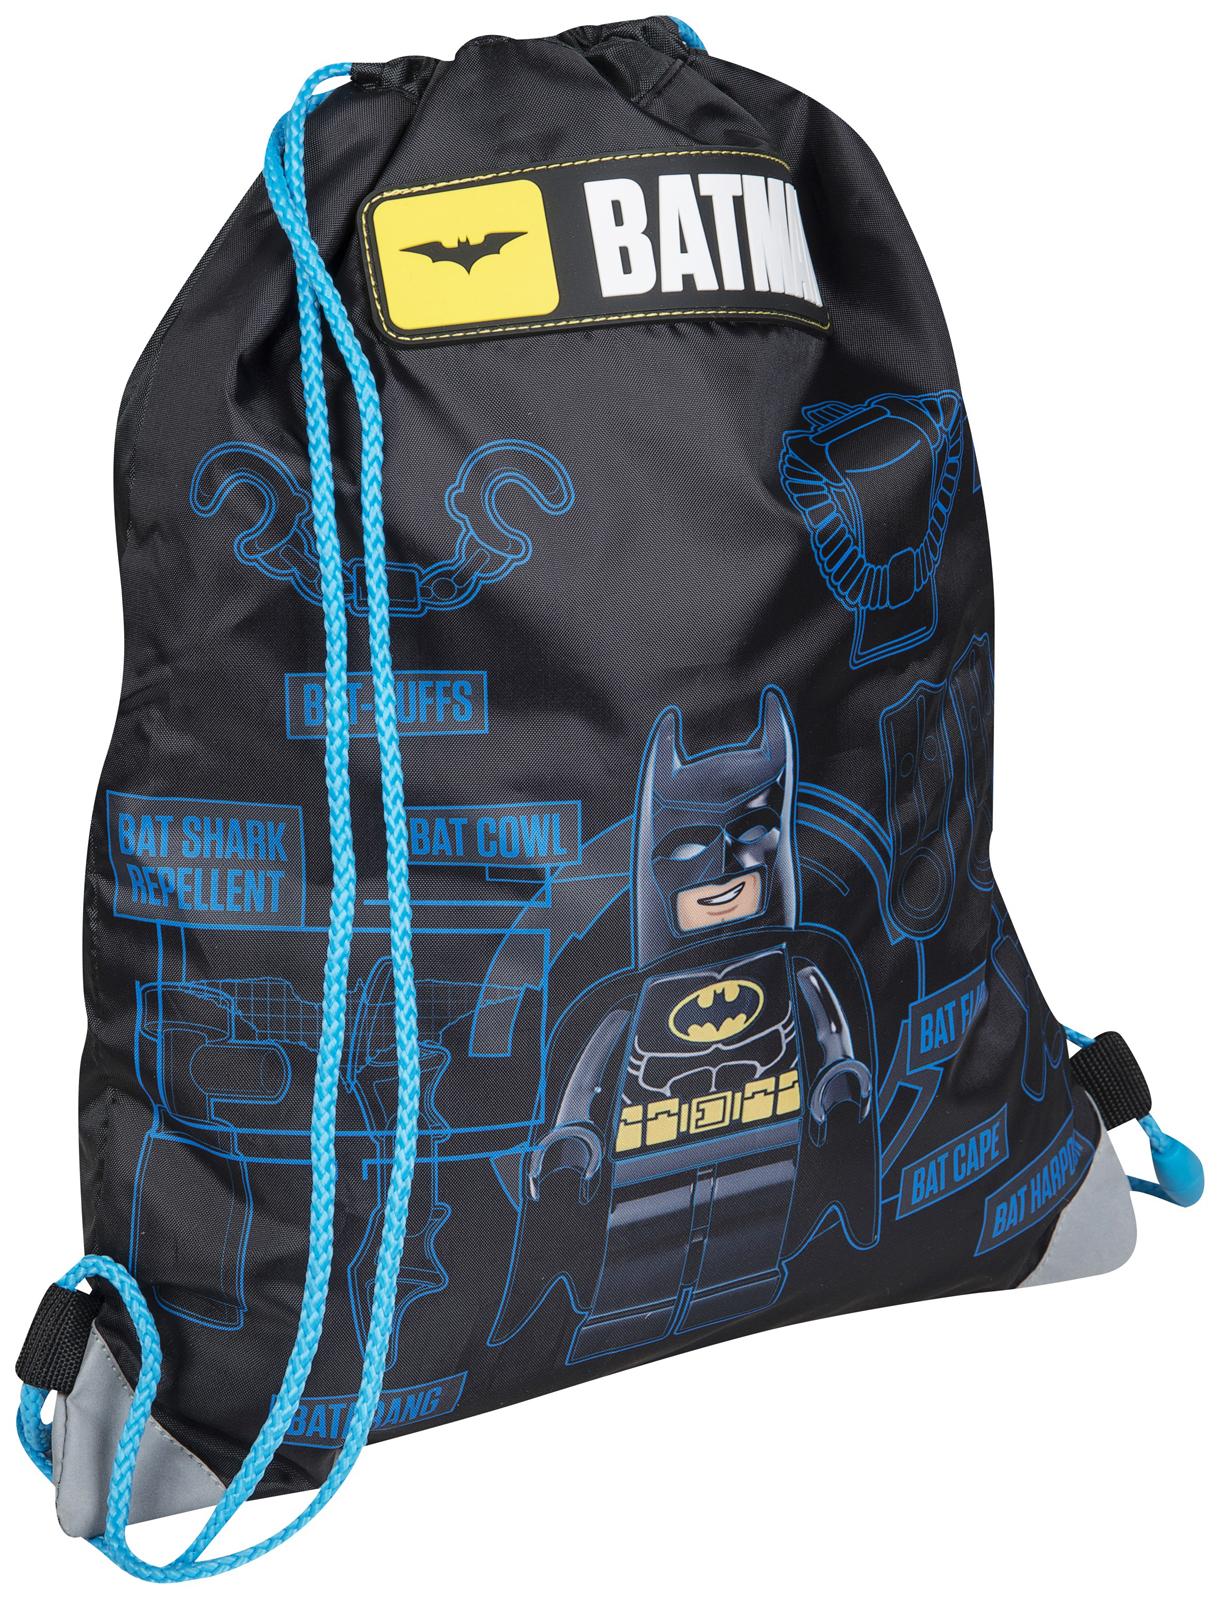 Kids Swimming Bag 59